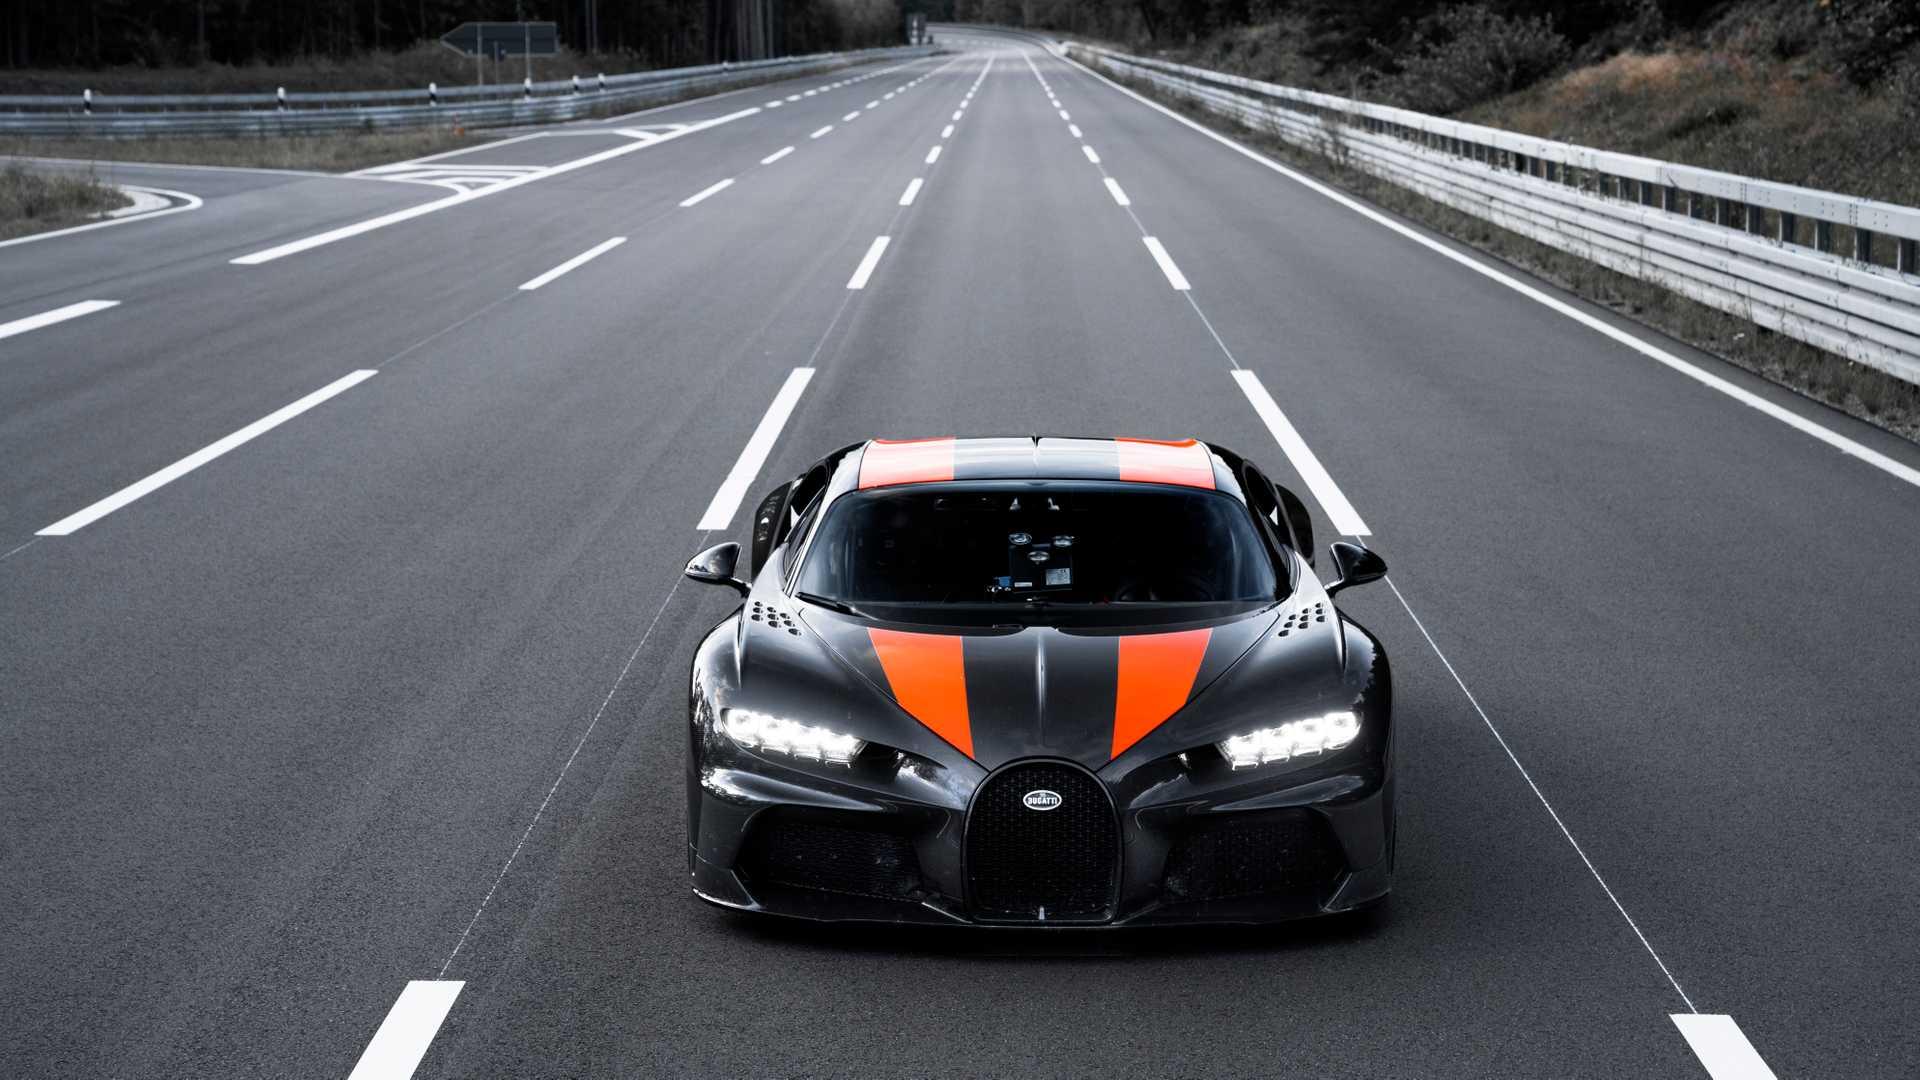 Bugatti Chiron может преодолеть барьер в 500 км/ч 1